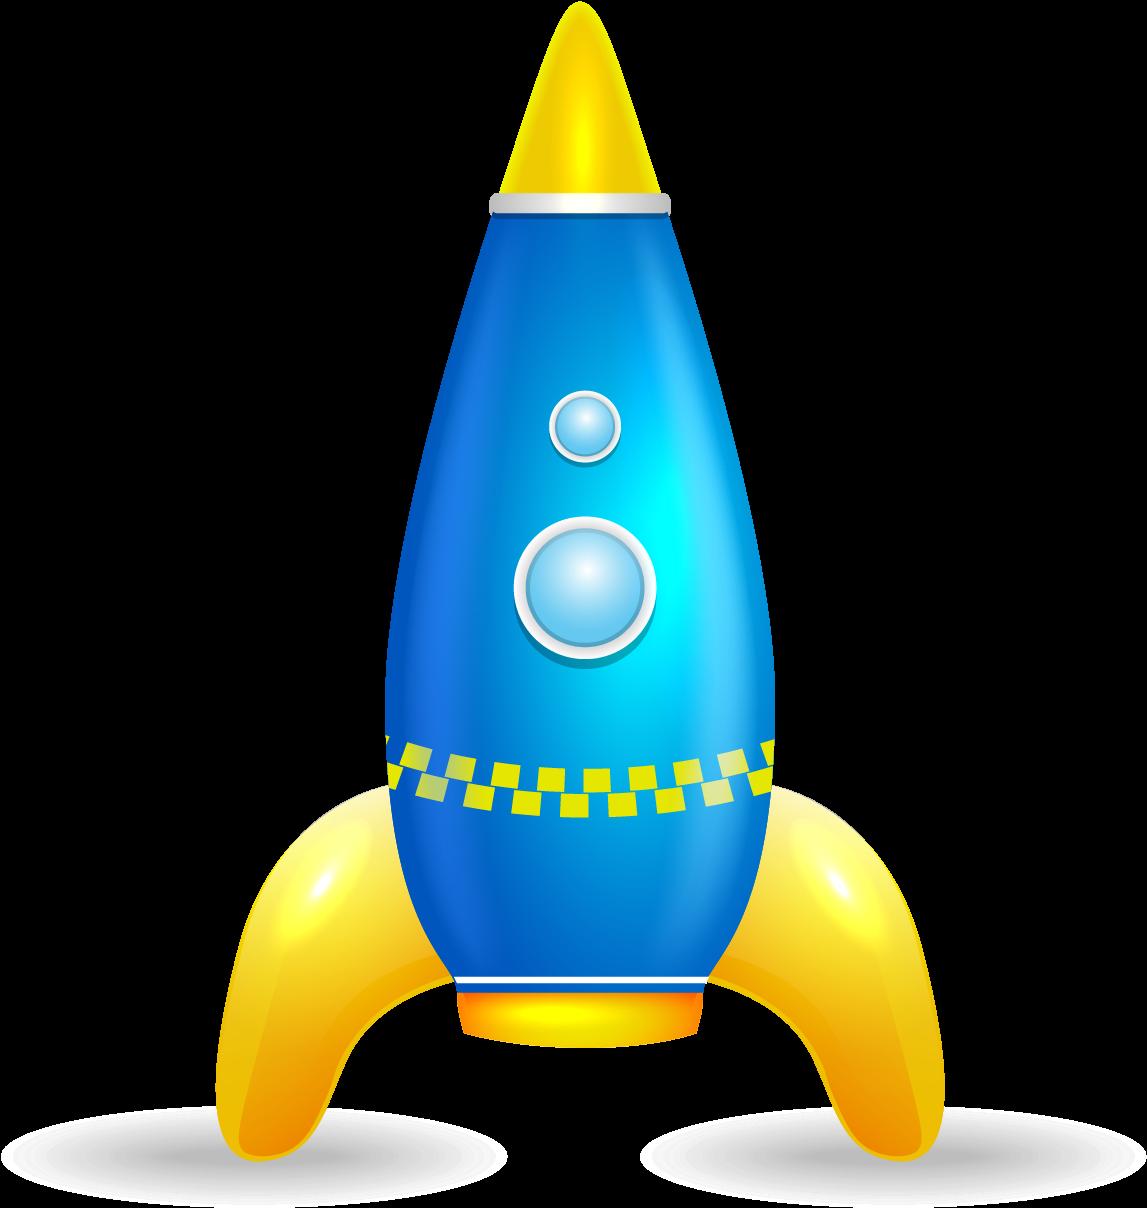 Космические ракеты картинки на прозрачном фоне